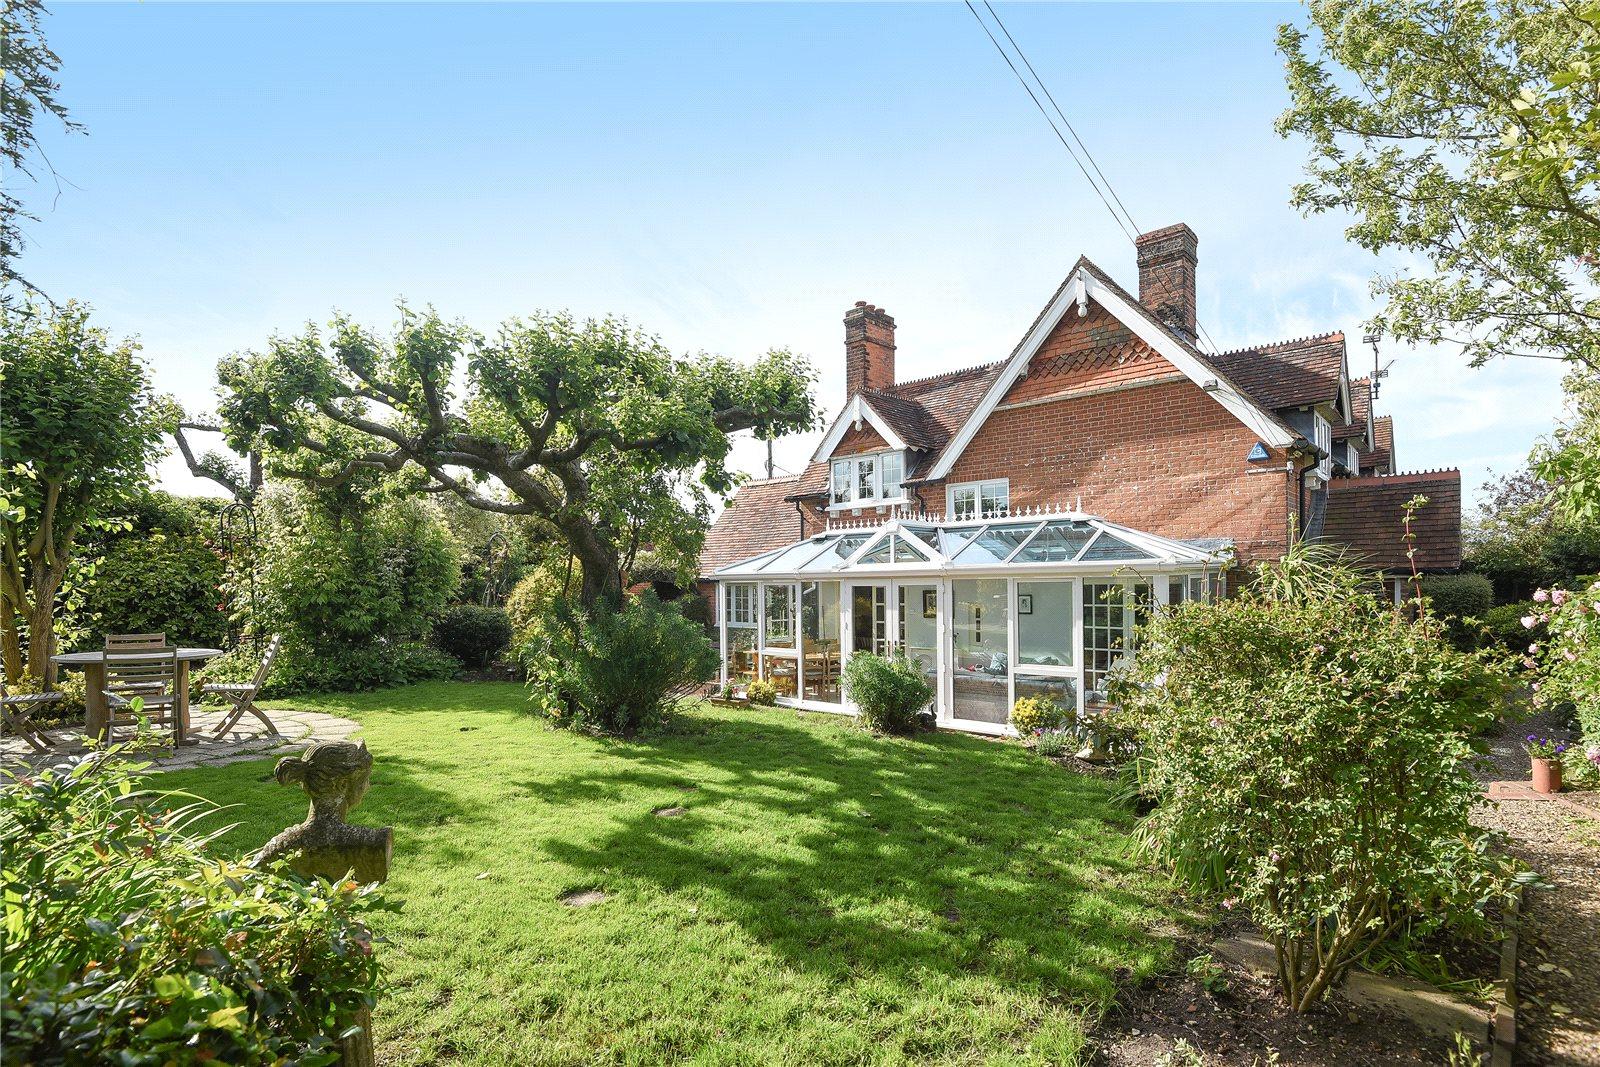 Μονοκατοικία για την Πώληση στο Beedon Hill, Beedon, Newbury, Berkshire, RG20 Newbury, Αγγλια